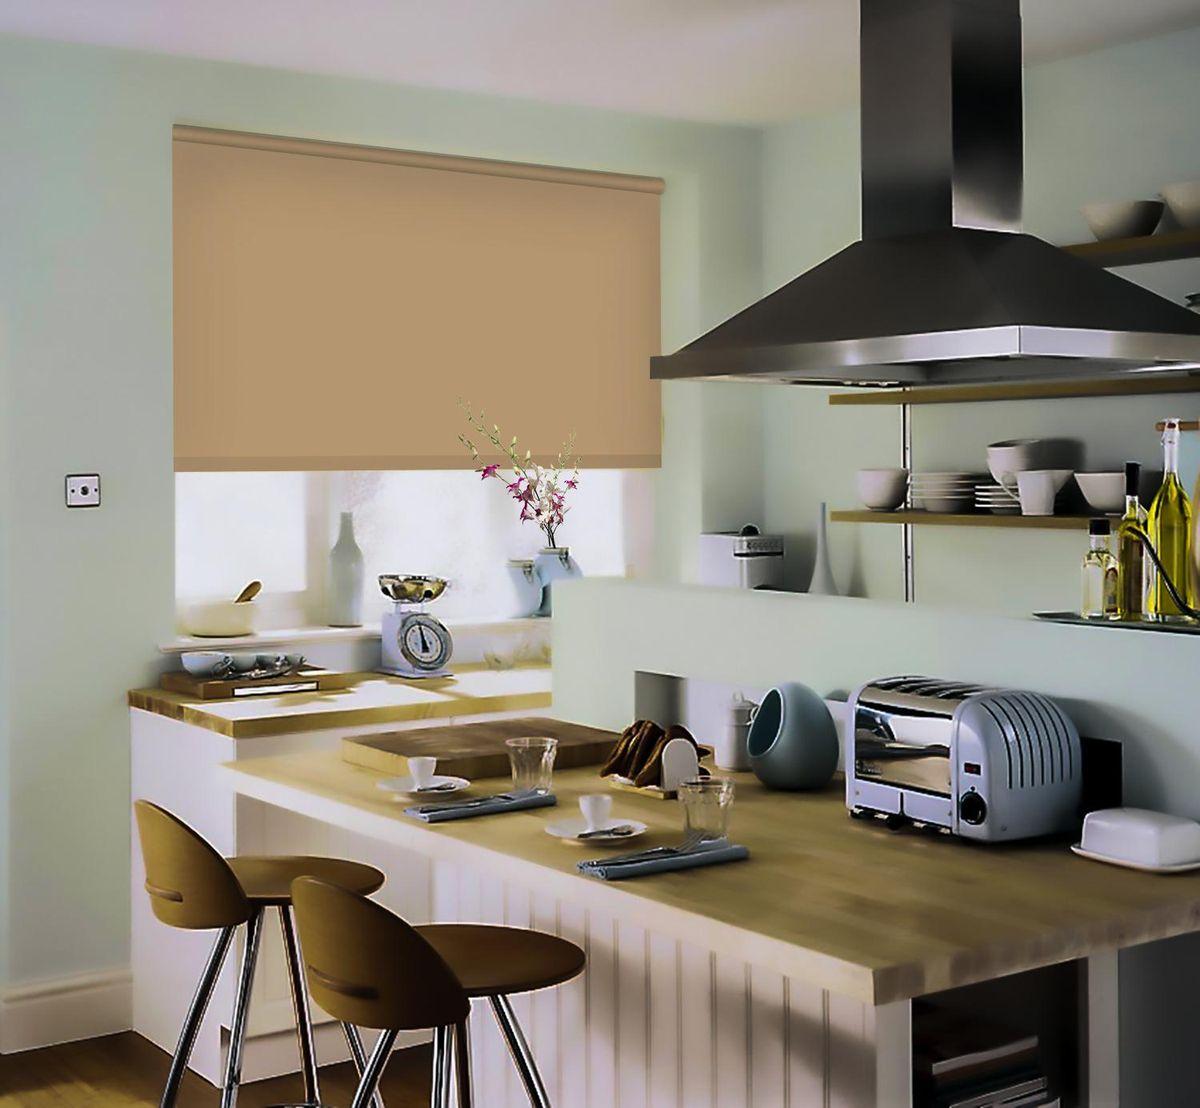 Штора рулонная Эскар, цвет: темно-бежевый, ширина 80 см, высота 170 см80621Рулонными шторами Эскар можно оформлять окна как самостоятельно, так и использовать в комбинации с портьерами. Это поможет предотвратить выгорание дорогой ткани на солнце и соединит функционал рулонных с красотой навесных. Преимущества применения рулонных штор для пластиковых окон: - имеют прекрасный внешний вид: многообразие и фактурность материала изделия отлично смотрятся в любом интерьере;- многофункциональны: есть возможность подобрать шторы способные эффективно защитить комнату от солнца, при этом она не будет слишком темной;- есть возможность осуществить быстрый монтаж.ВНИМАНИЕ! Размеры ширины изделия указаны по ширине ткани! Во время эксплуатации не рекомендуется полностью разматывать рулон, чтобы не оторвать ткань от намоточного вала. В случае загрязнения поверхности ткани, чистку шторы проводят одним из способов, в зависимости от типа загрязнения:легкое поверхностное загрязнение можно удалить при помощи канцелярского ластика;чистка от пыли производится сухим методом при помощи пылесоса с мягкой щеткой-насадкой;для удаления пятна используйте мягкую губку с пенообразующим неагрессивным моющим средством или пятновыводитель на натуральной основе (нельзя применять растворители).